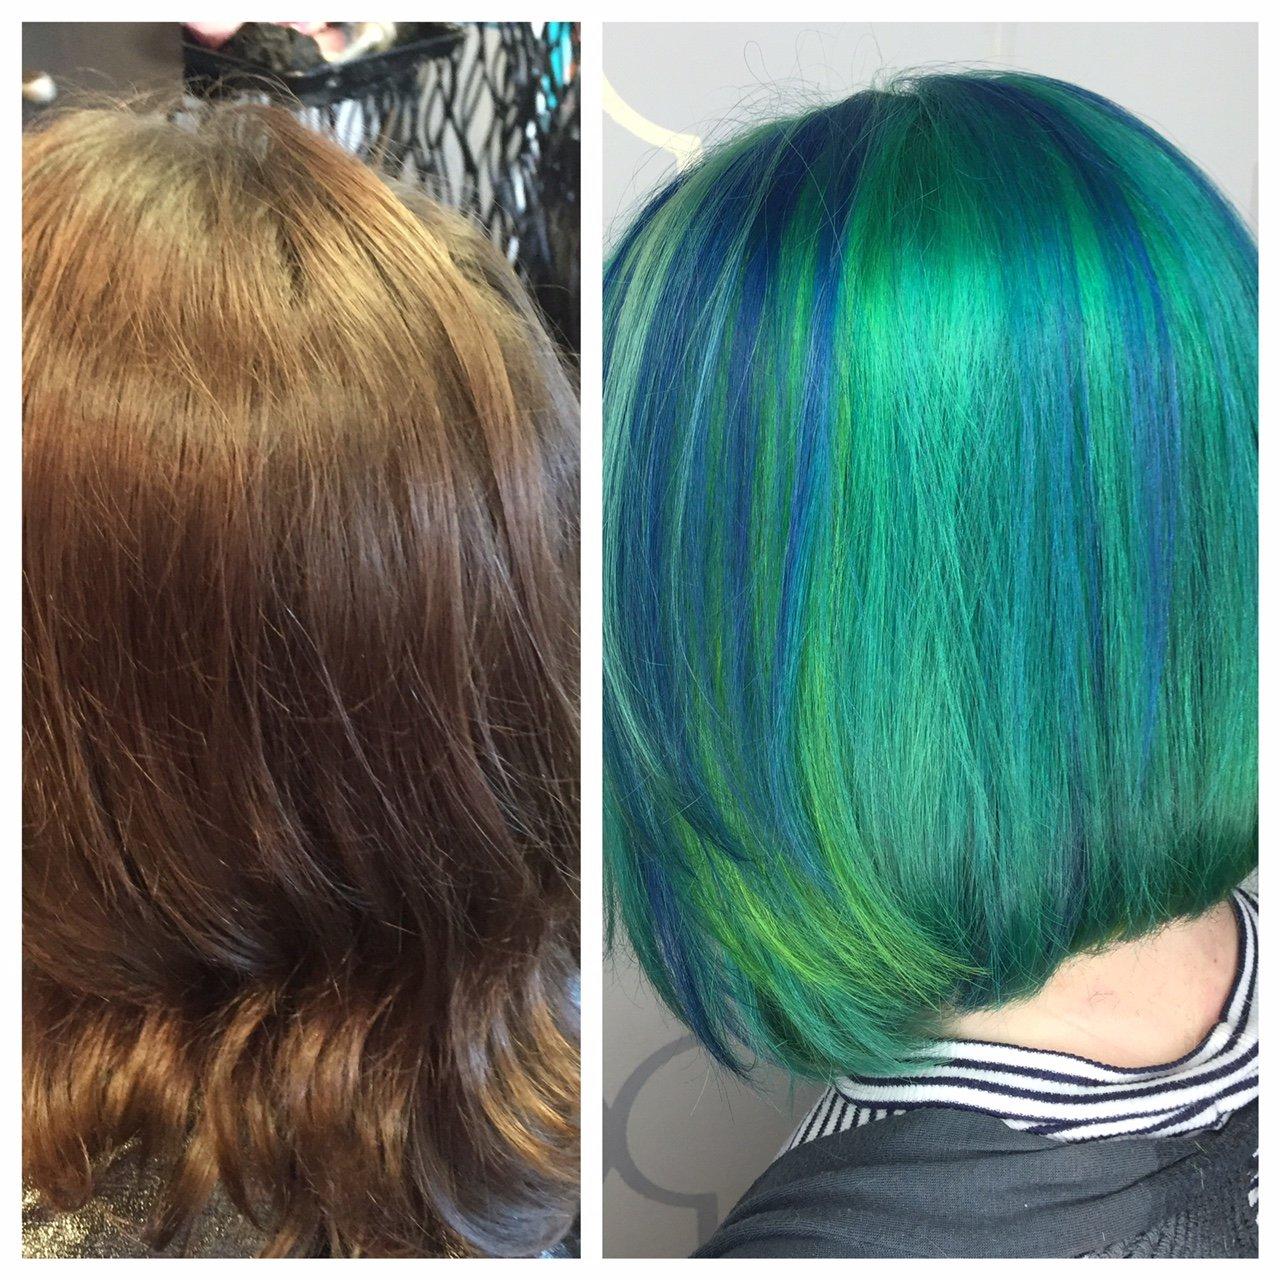 TRANSFORMATION: Virgin To Blue/Green Melt